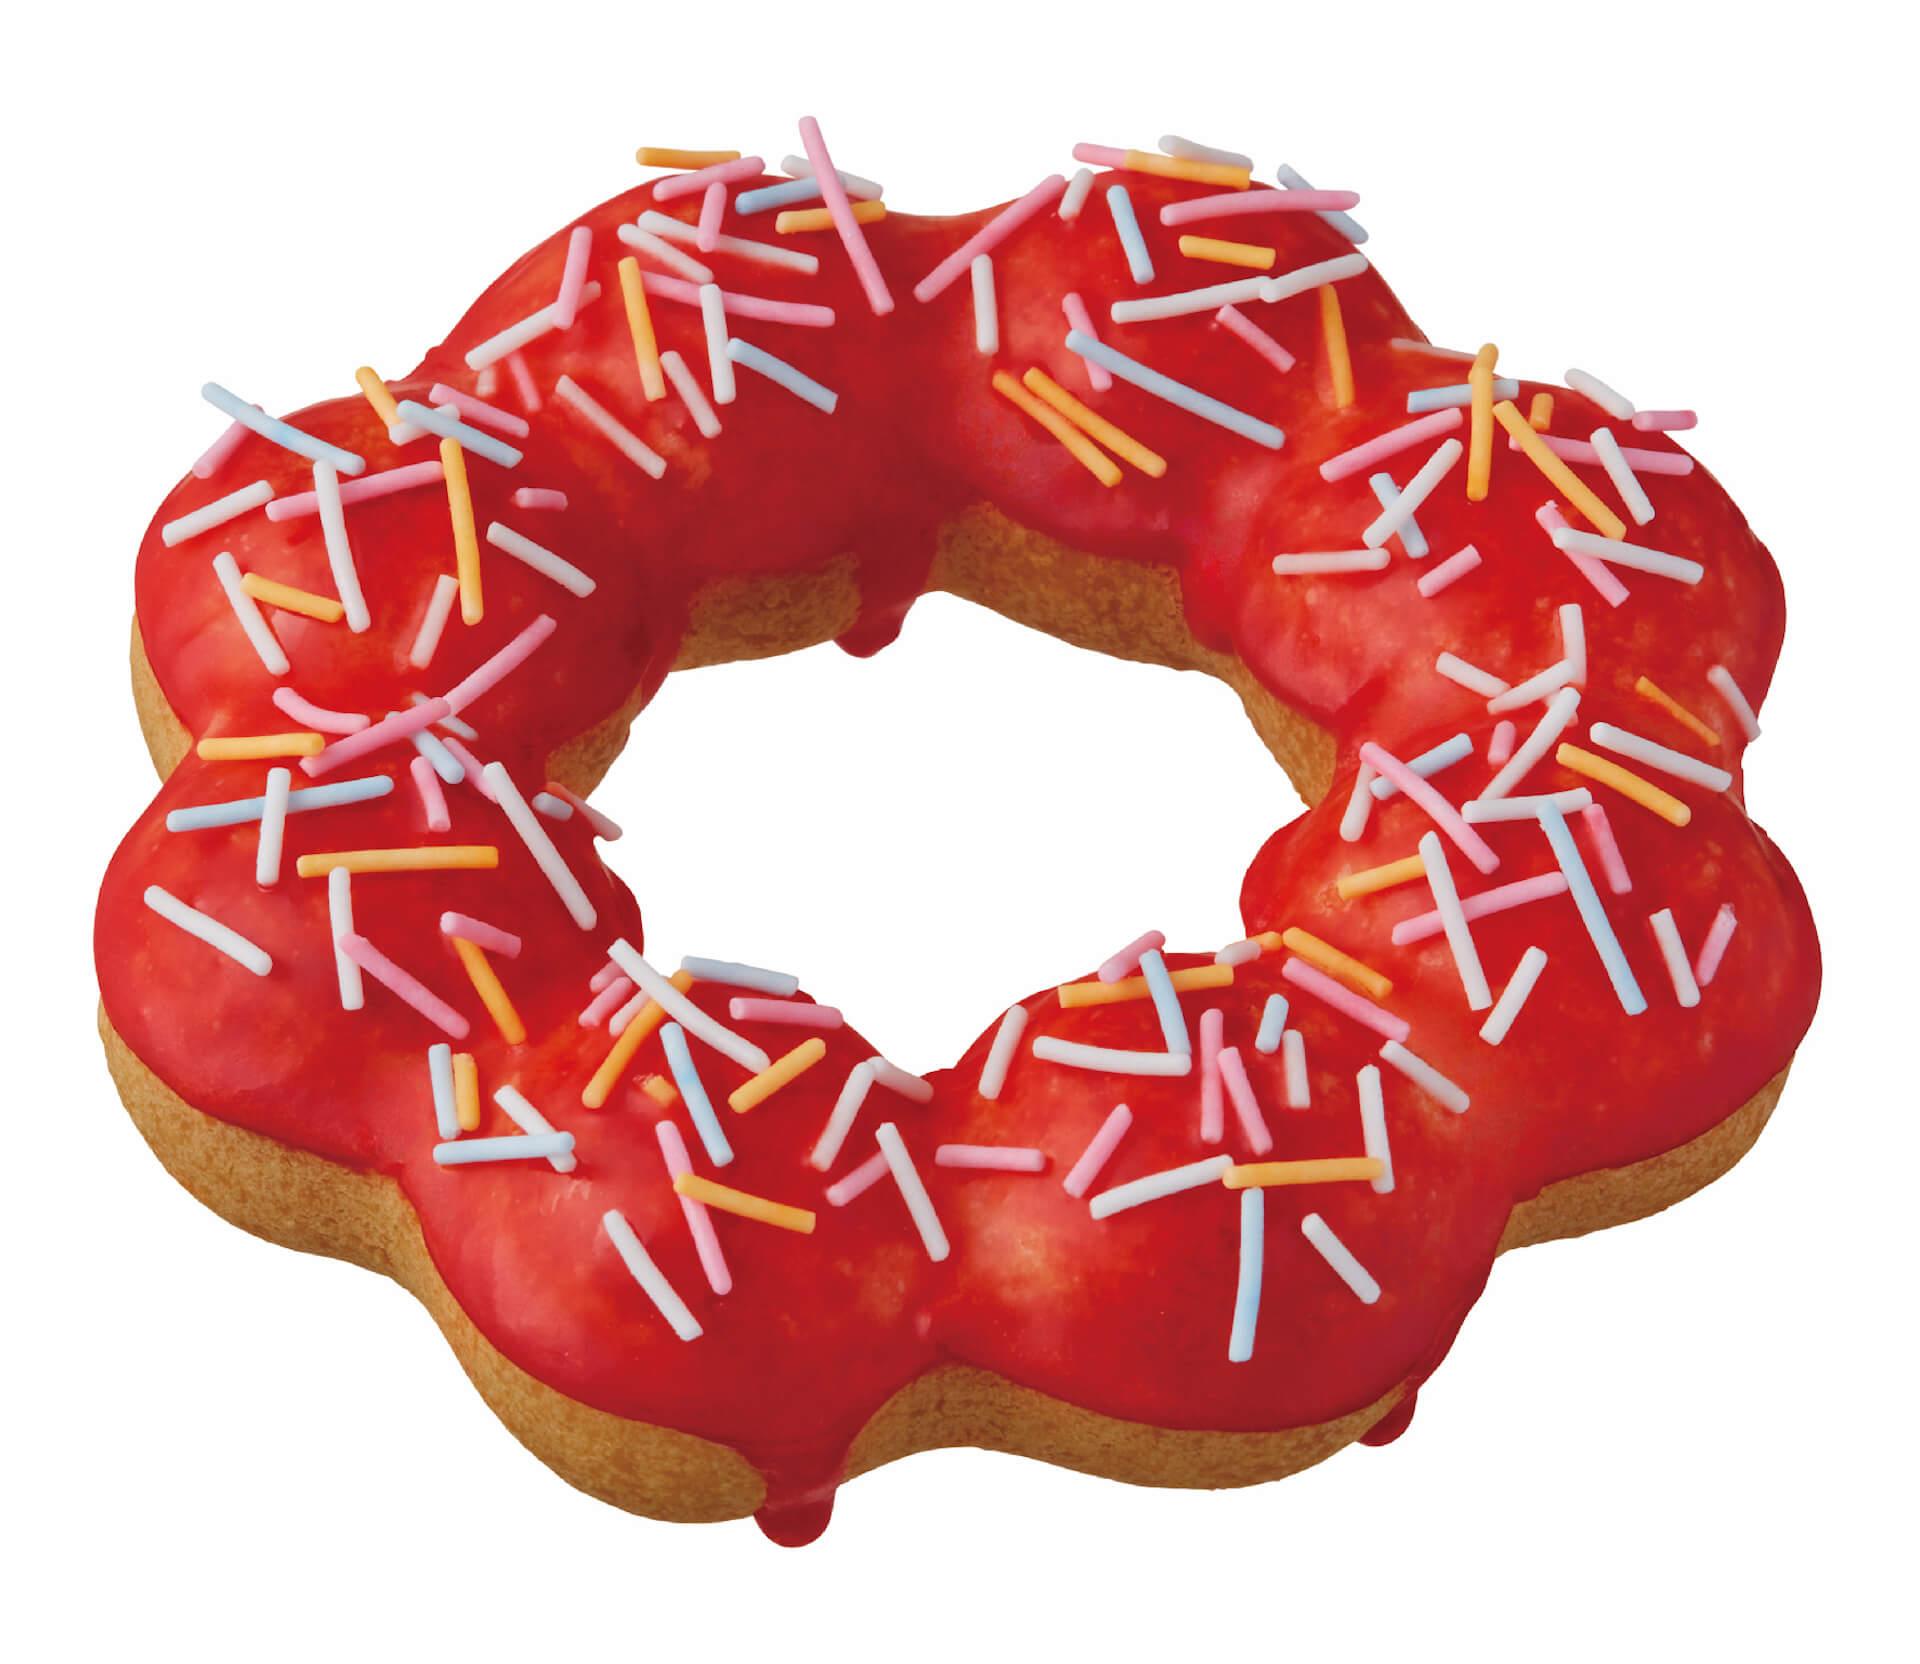 ミスドとポケモンのコラボドーナツ&グッズがついに解禁!ピカチュウ、ラッキーがドーナツに gourmet201105_misdo_pokemon_11